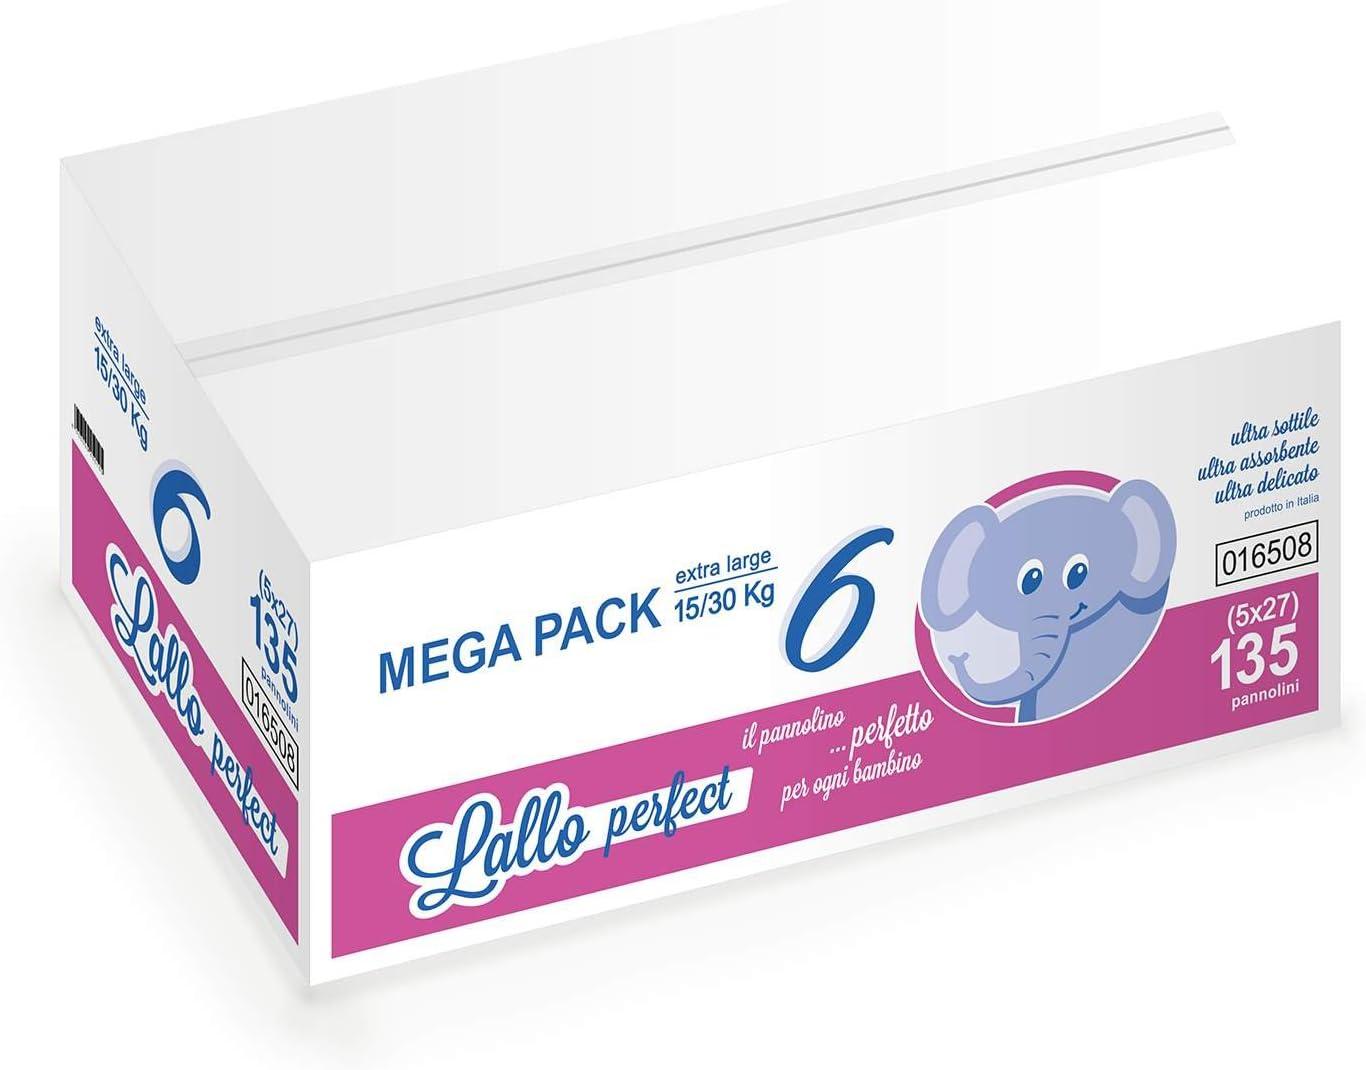 Megapack Pannolini Lallo Perfect 6 Xl 15//30 kg 135 pz